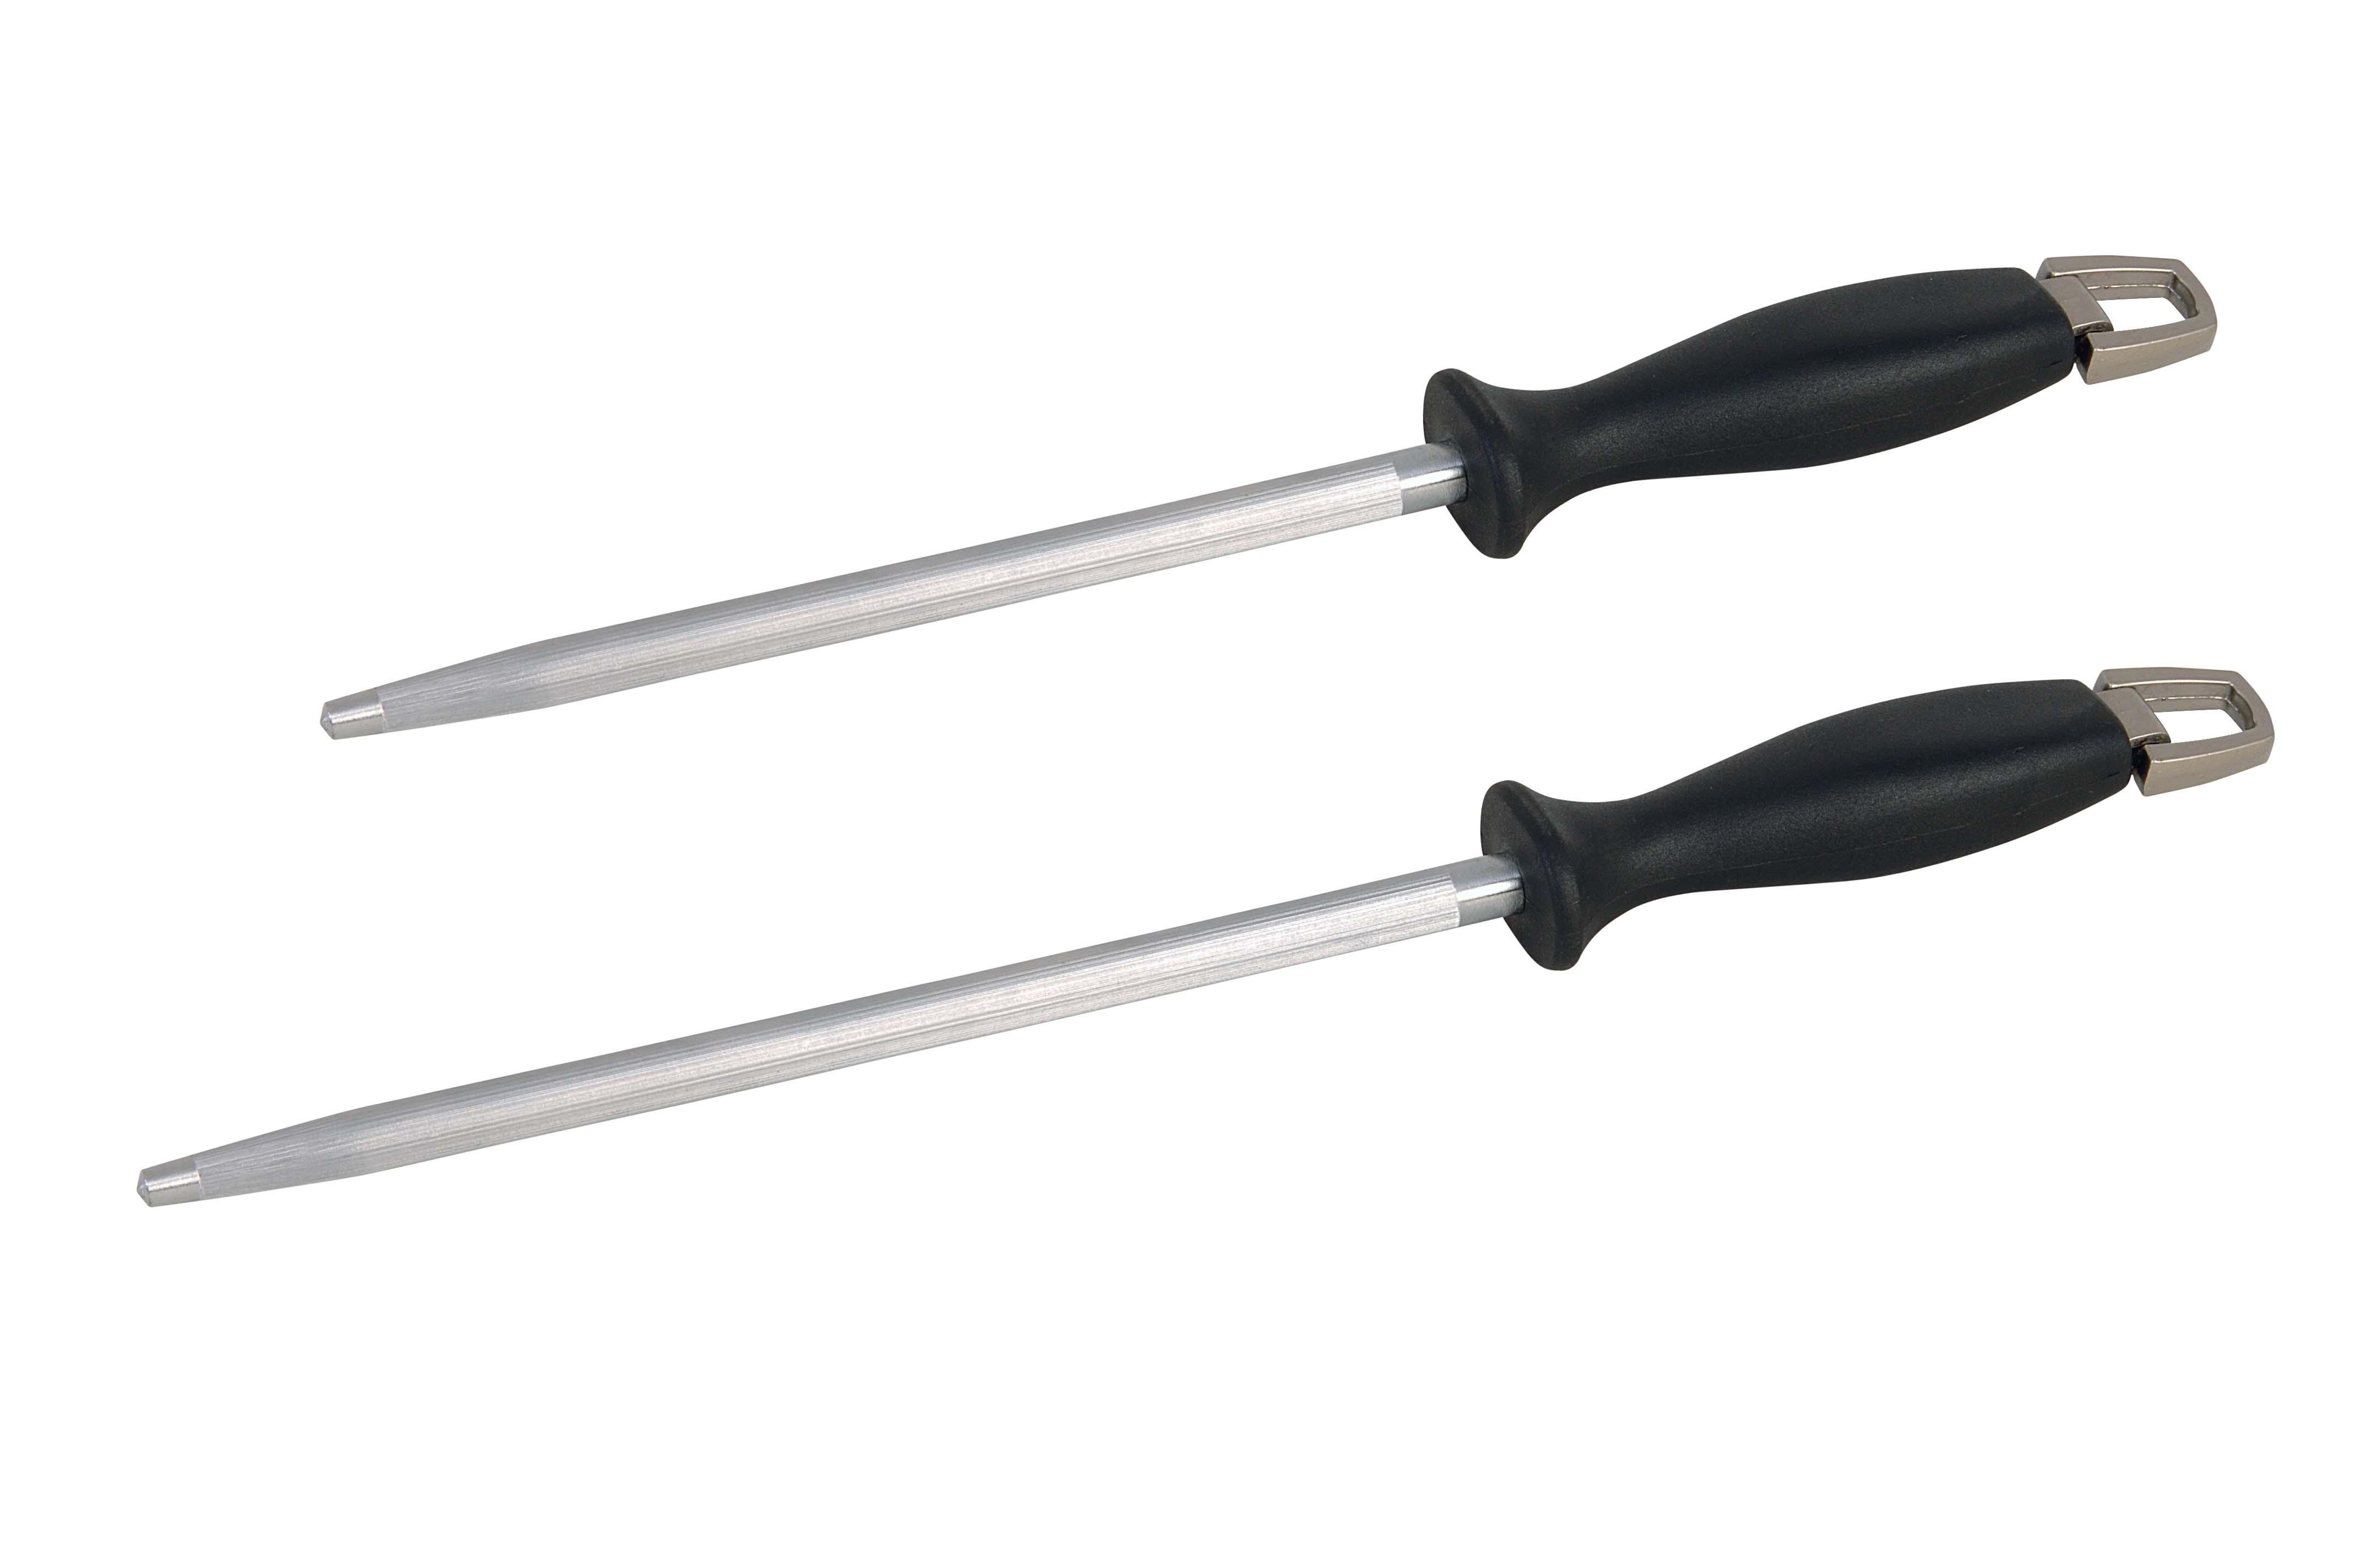 ssm0300--sharpening-steel-grunter--300mm